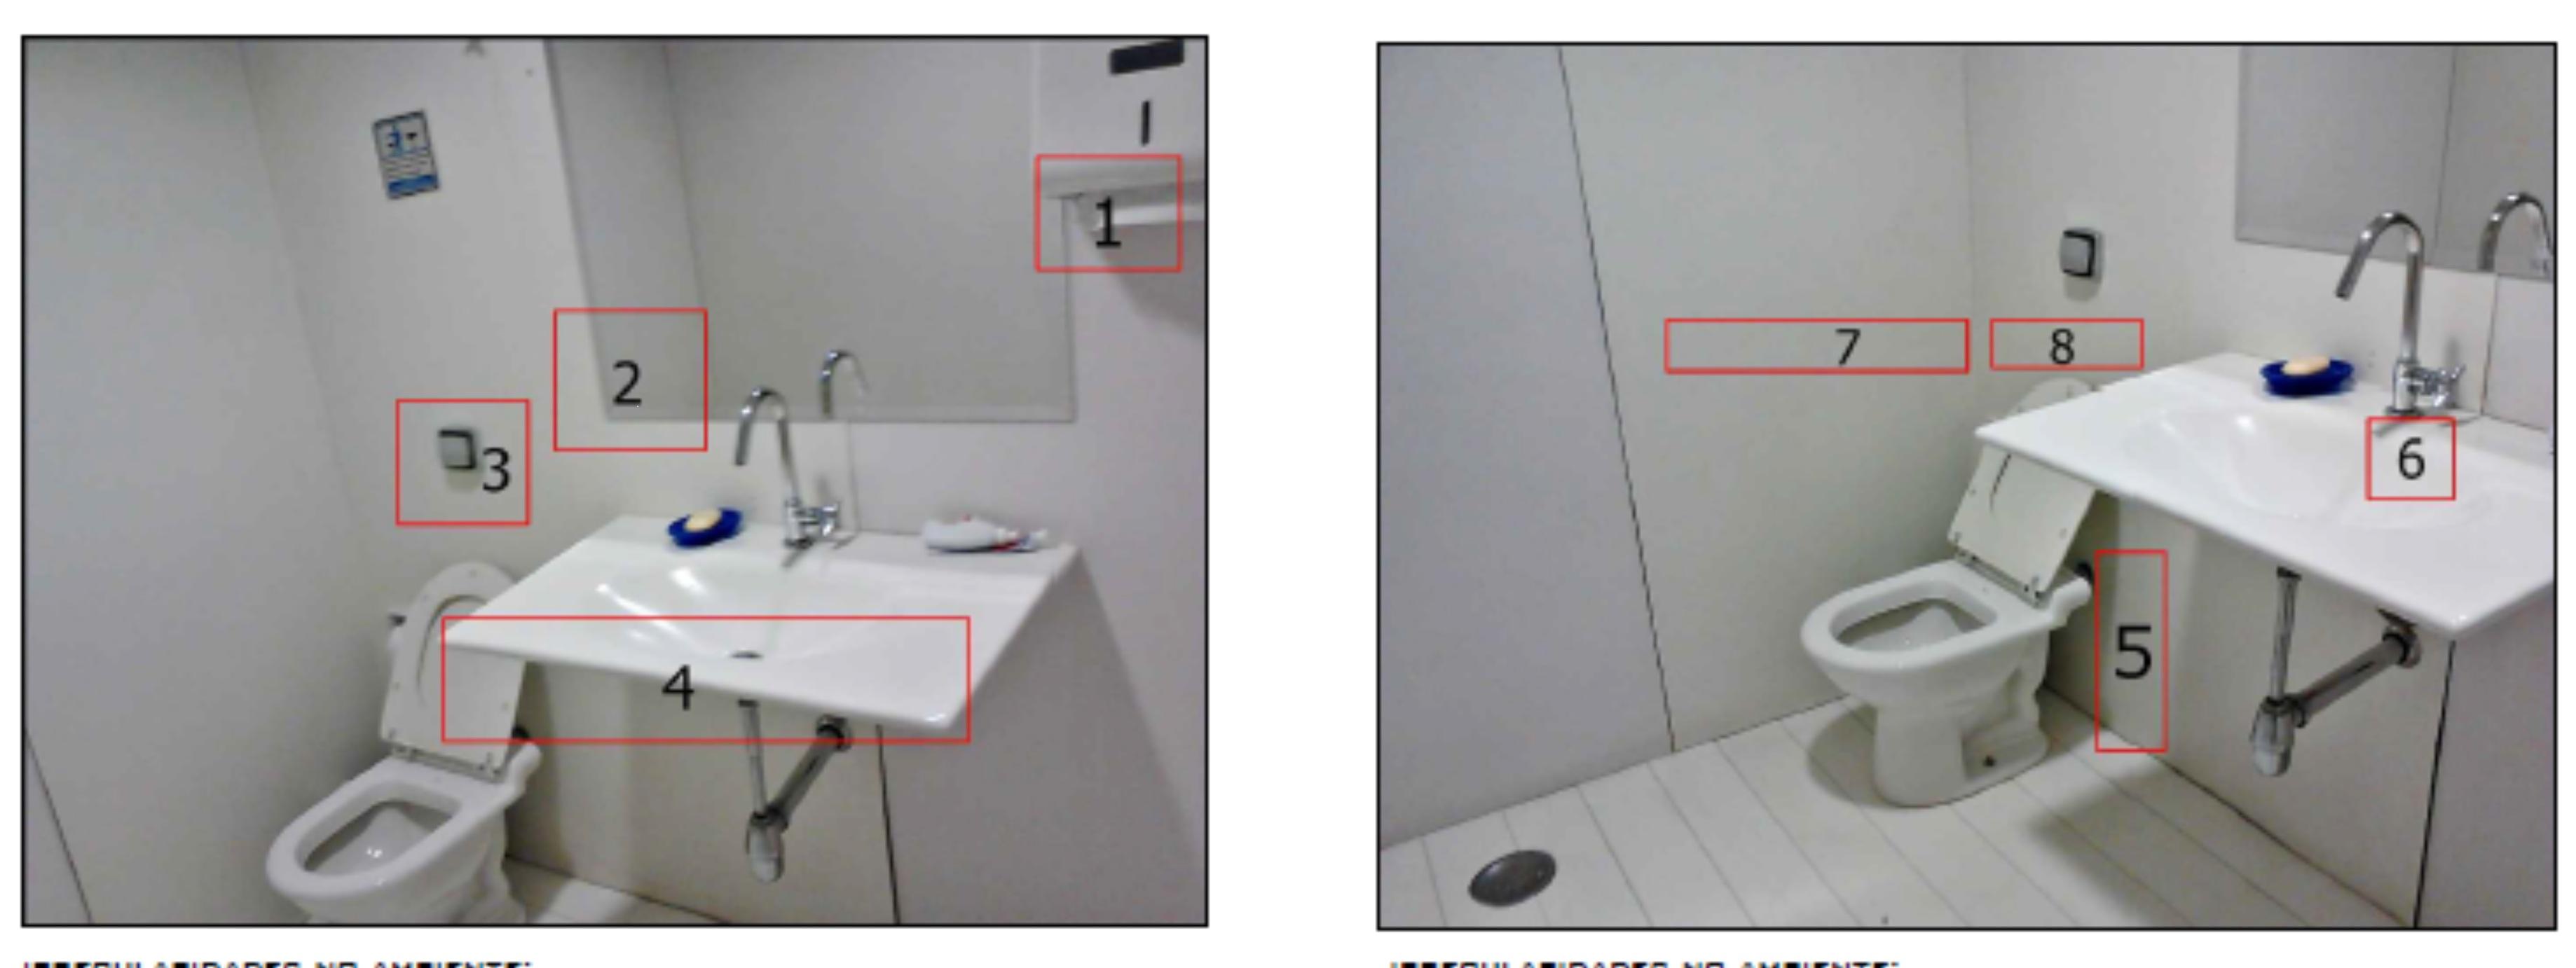 Deficiência Motora Escritório Modelo de Arquitetura e Urbanismo #814B4A 3676x1382 Acessibilidade Idosos Banheiro